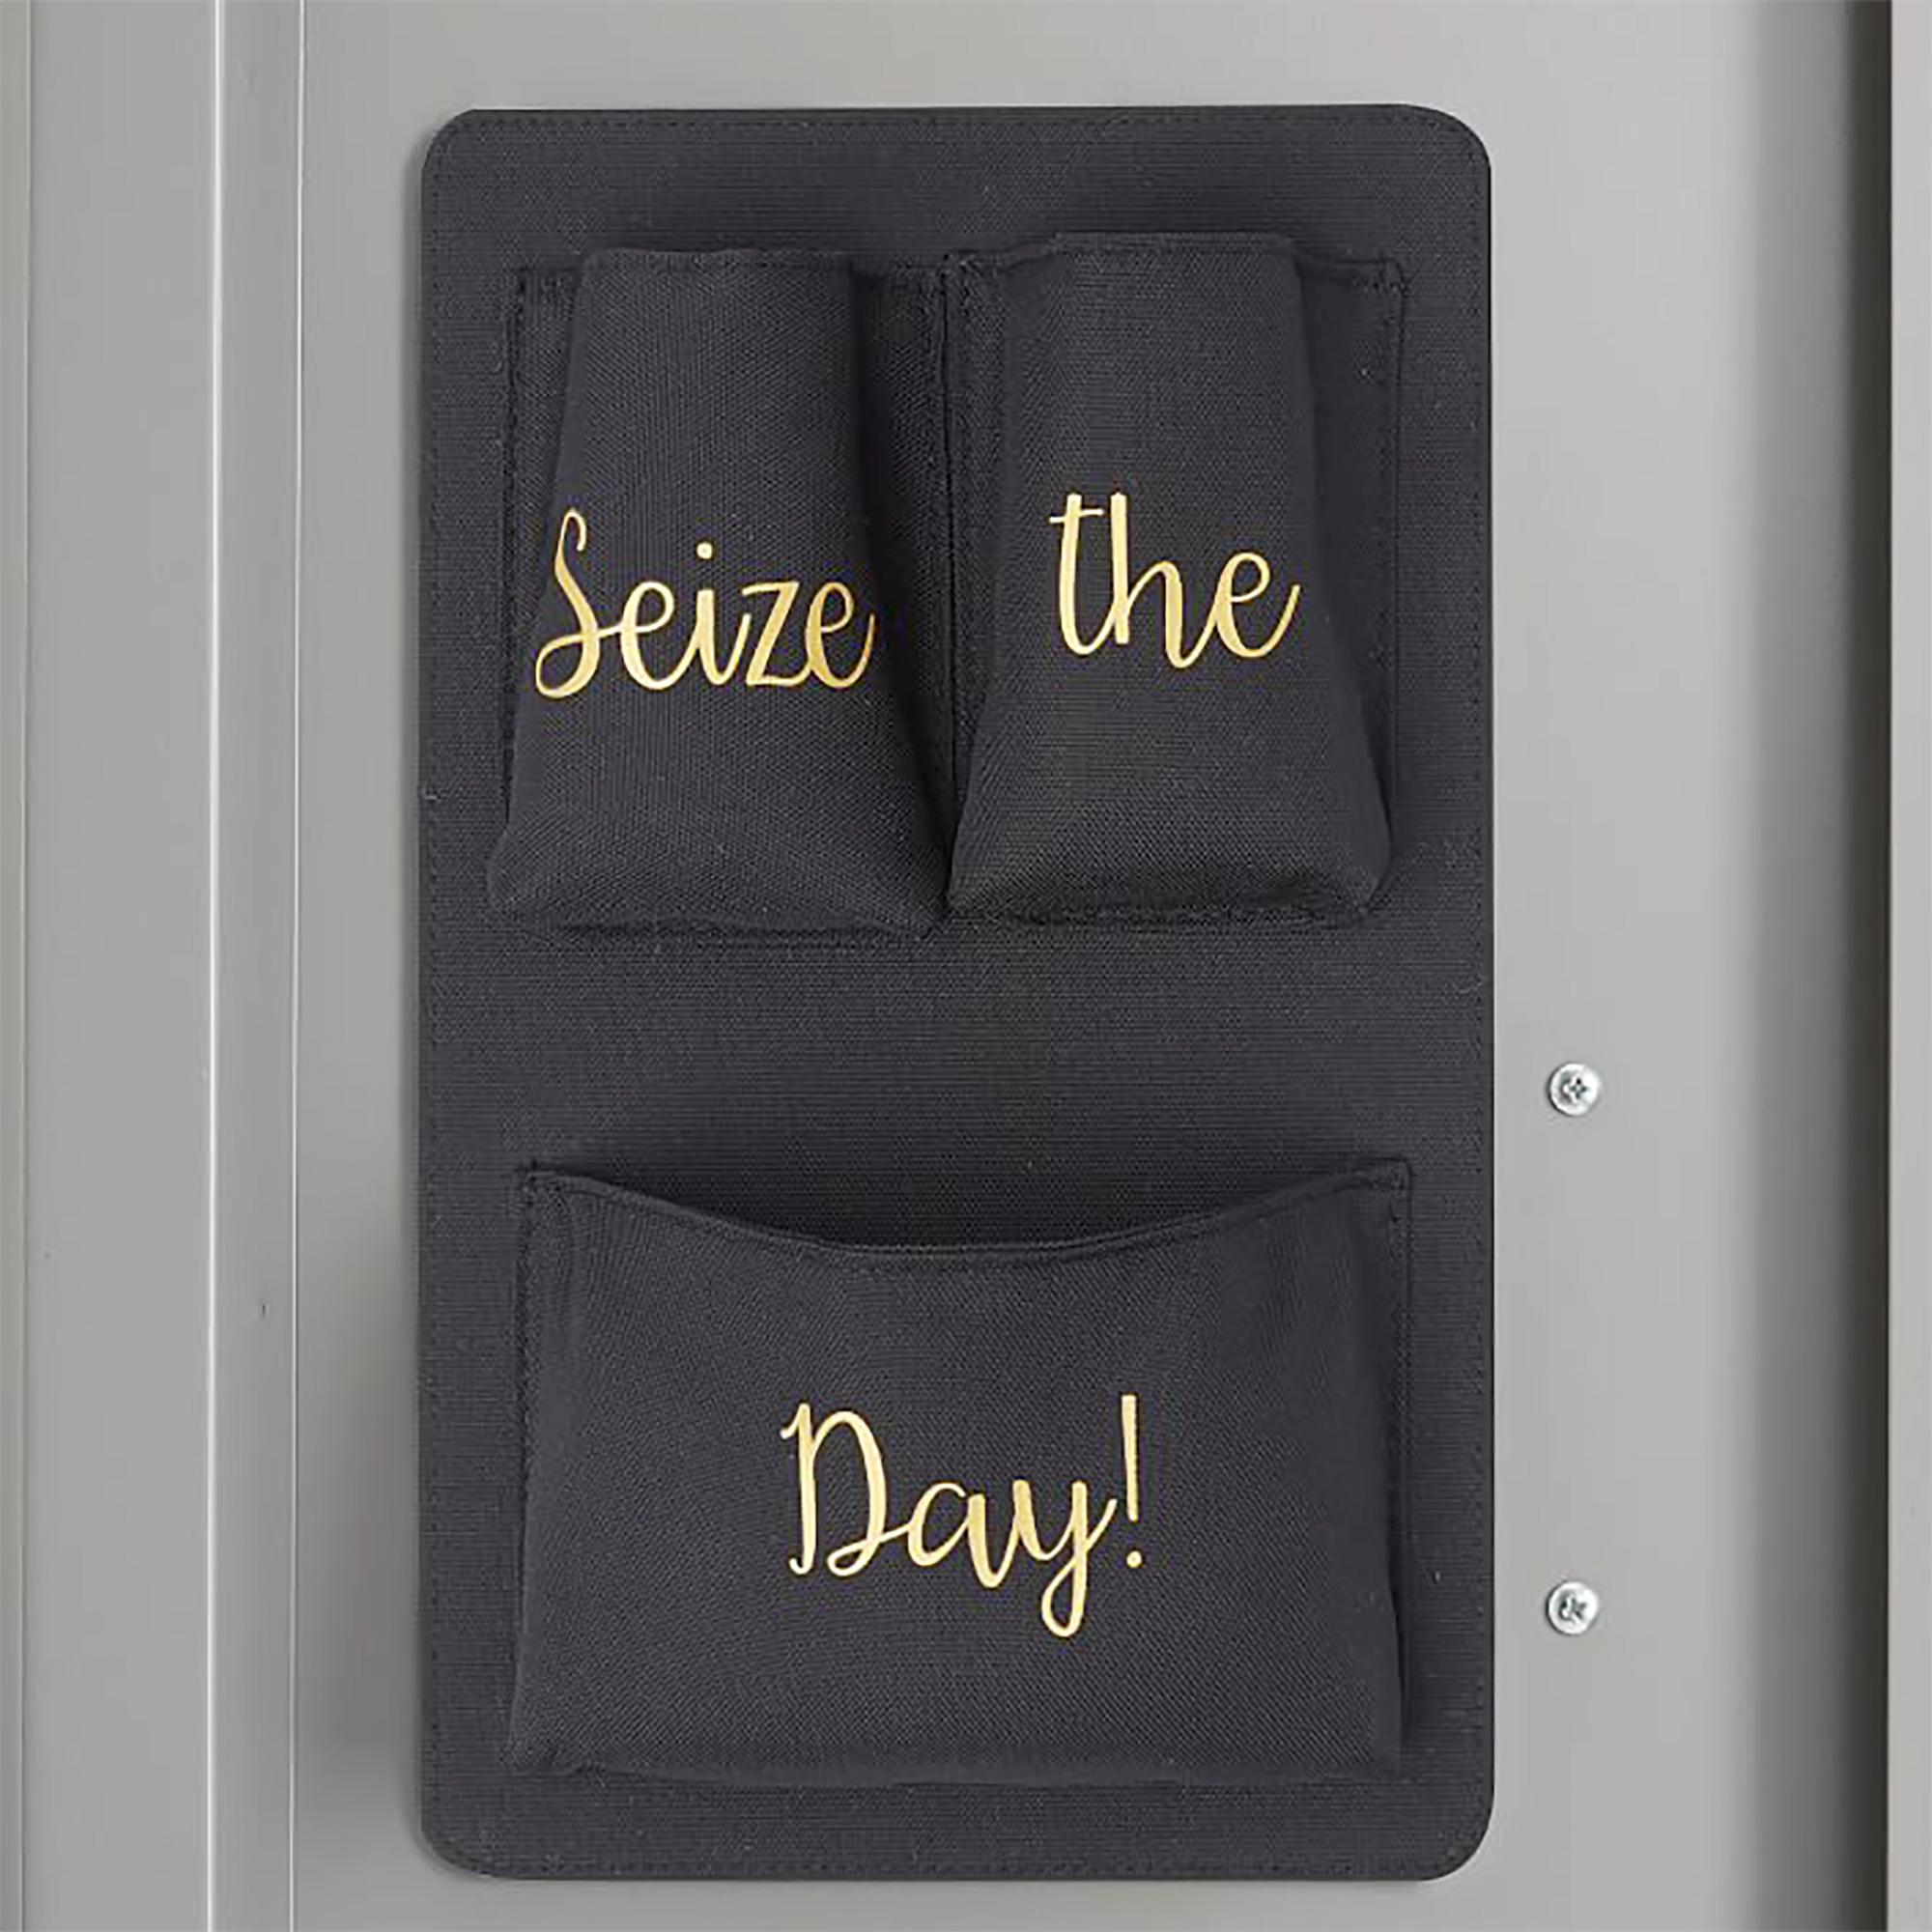 Este sencillo y útil organizador le permitirá a tus pequeños tener algunos bolsillos extras en su casillero, así se mantendrá mucho más ordenado.                             Precio: $9.99